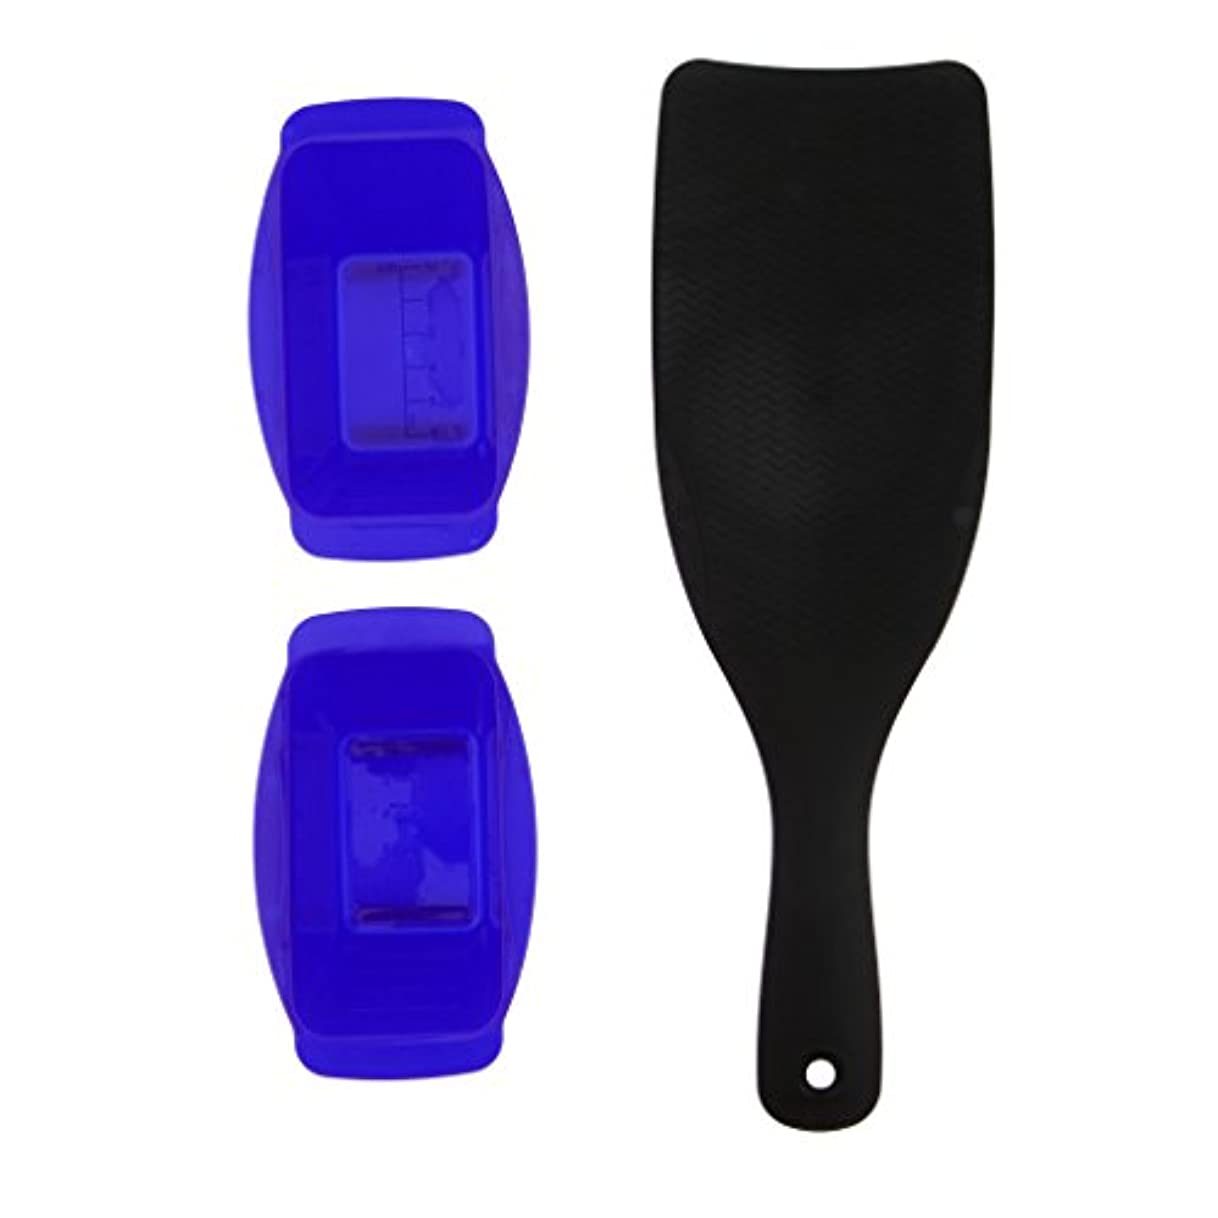 お風呂を持っているレスリングピースプロフェッショナル理髪ピックカラーボードヘアダイプレートティントダイボウルキット - 青